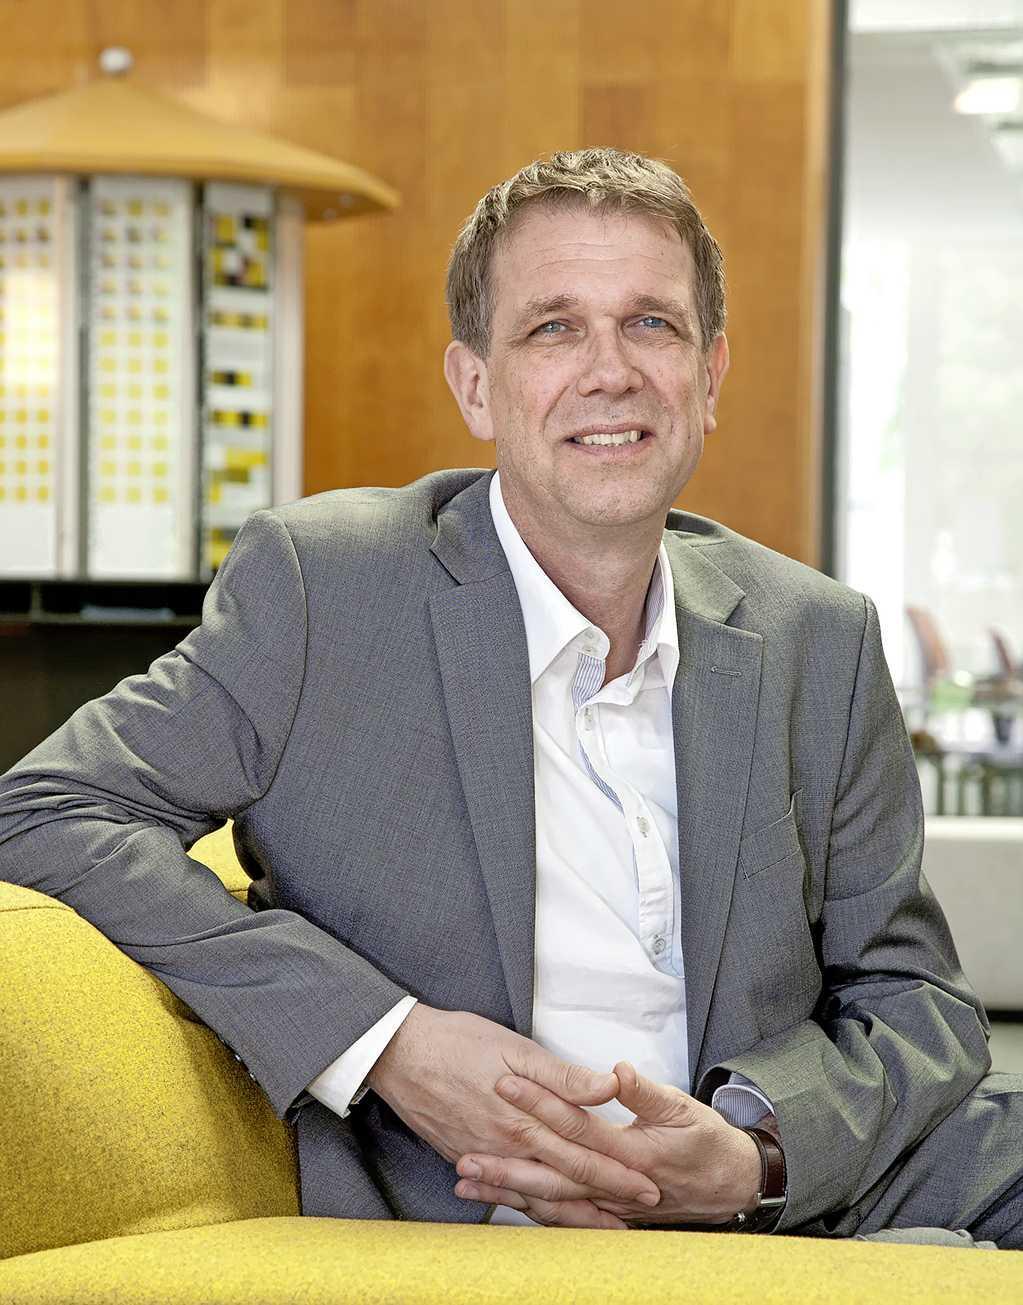 Woningbouwexpert Peter Boelhouwer: 'Nederland is niet volgebouwd'